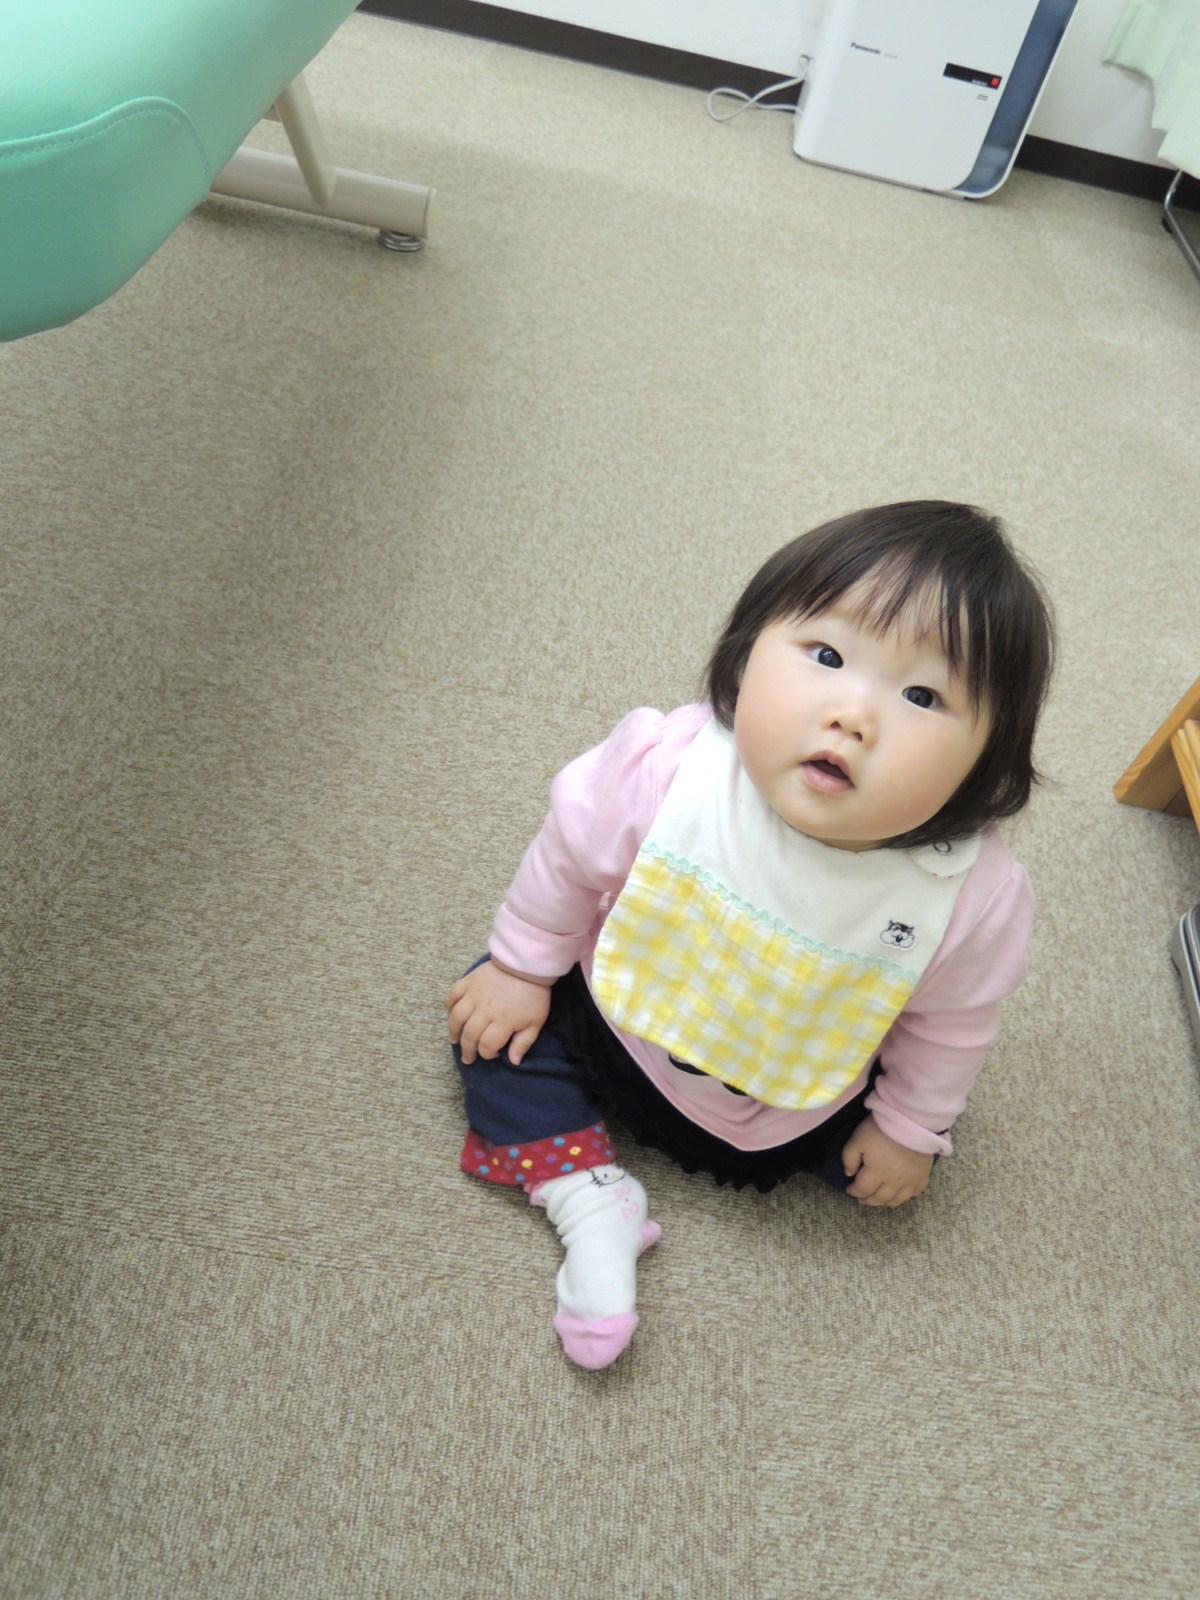 産後の骨盤矯正 神戸市北区 Fさま 神戸垂水整体院